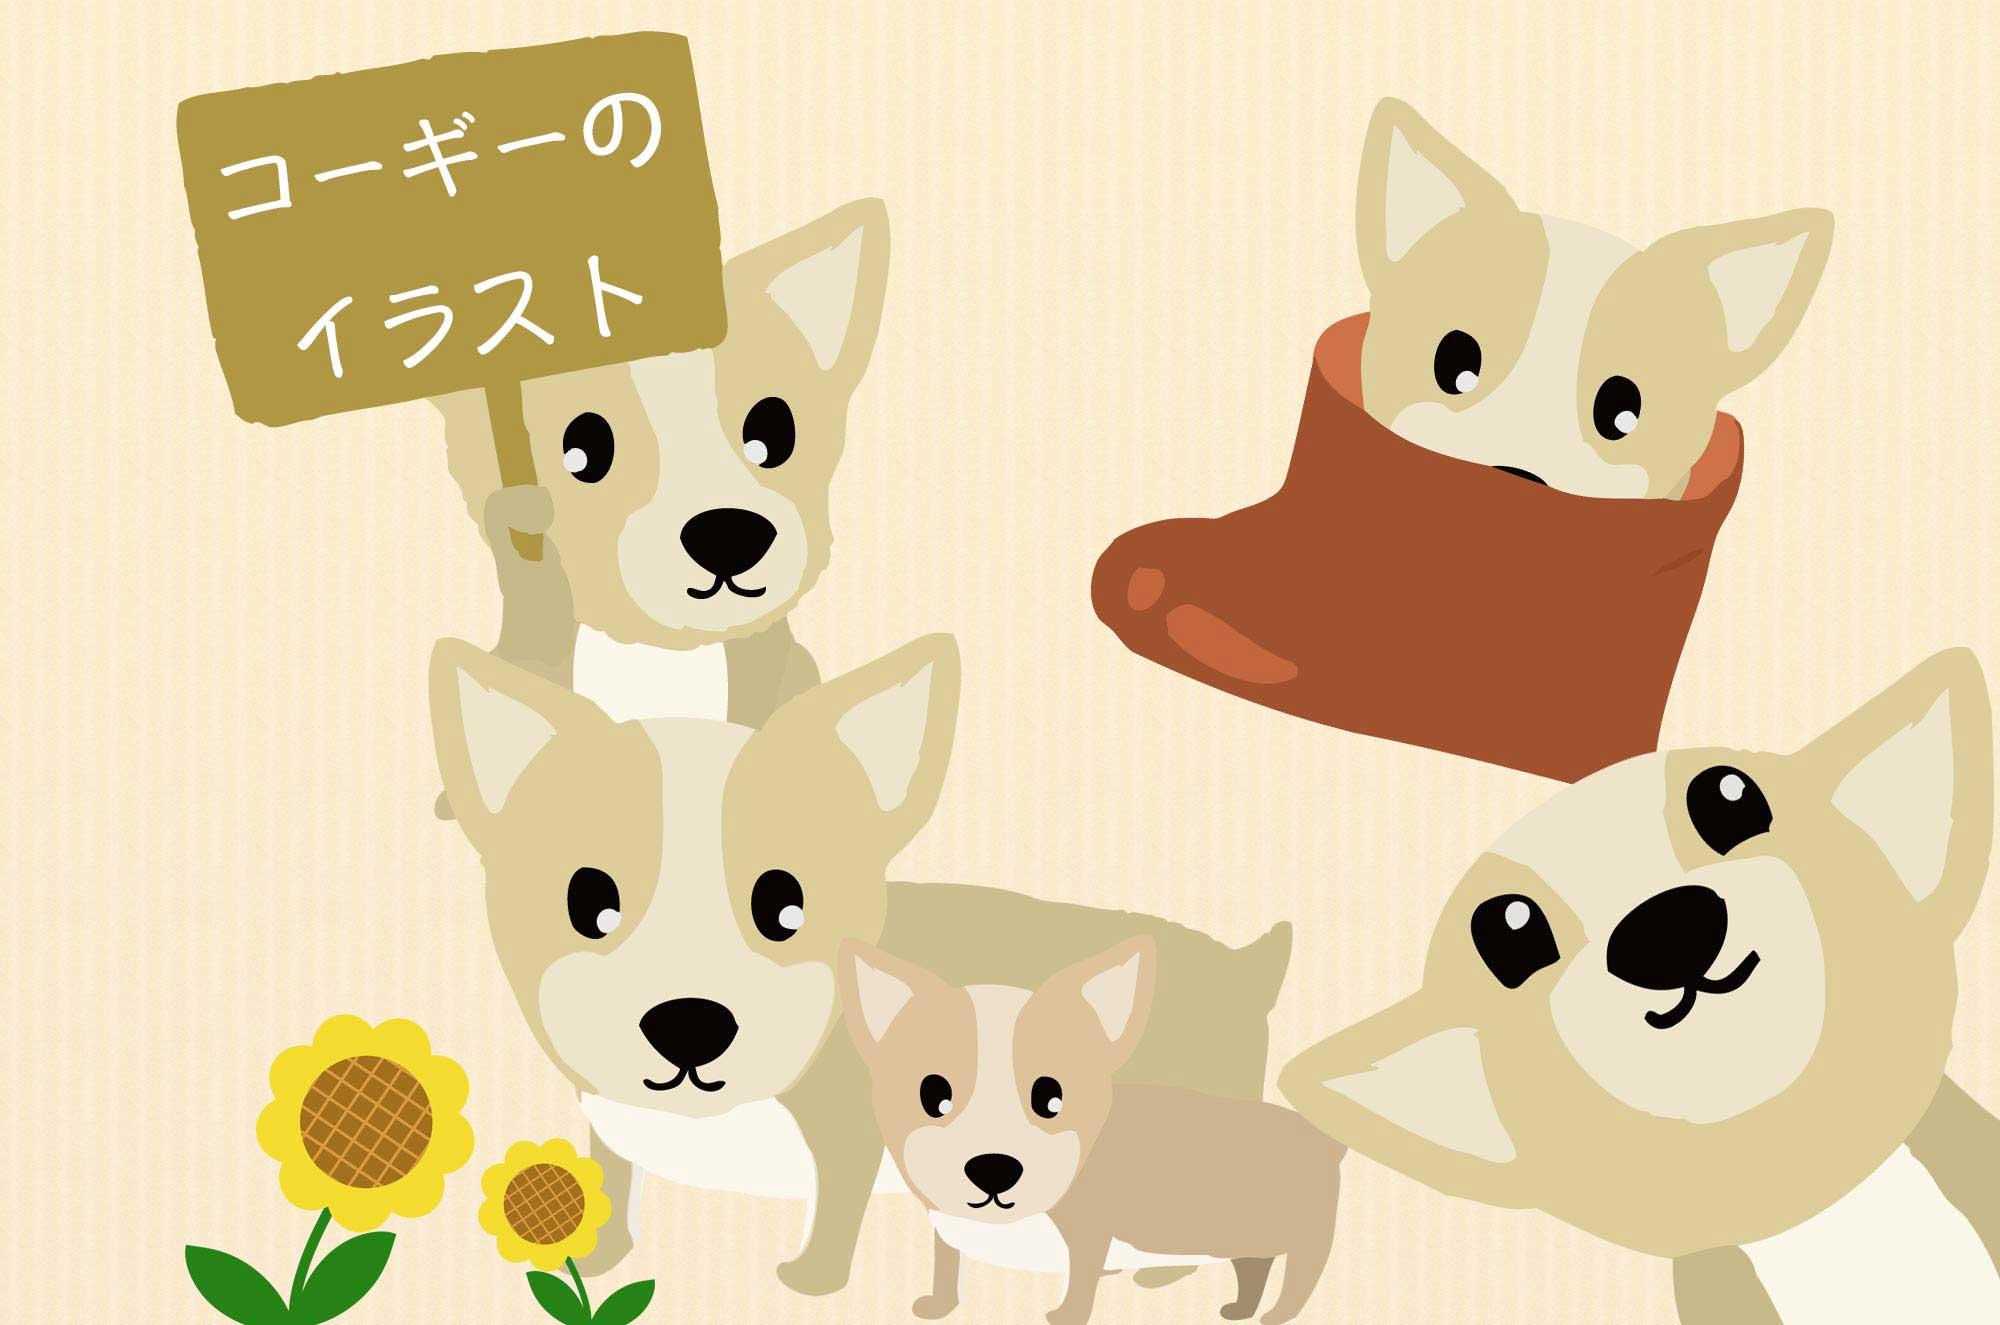 コーギーのイラスト - 可愛い犬のキャラクター無料素材 - チコデザ